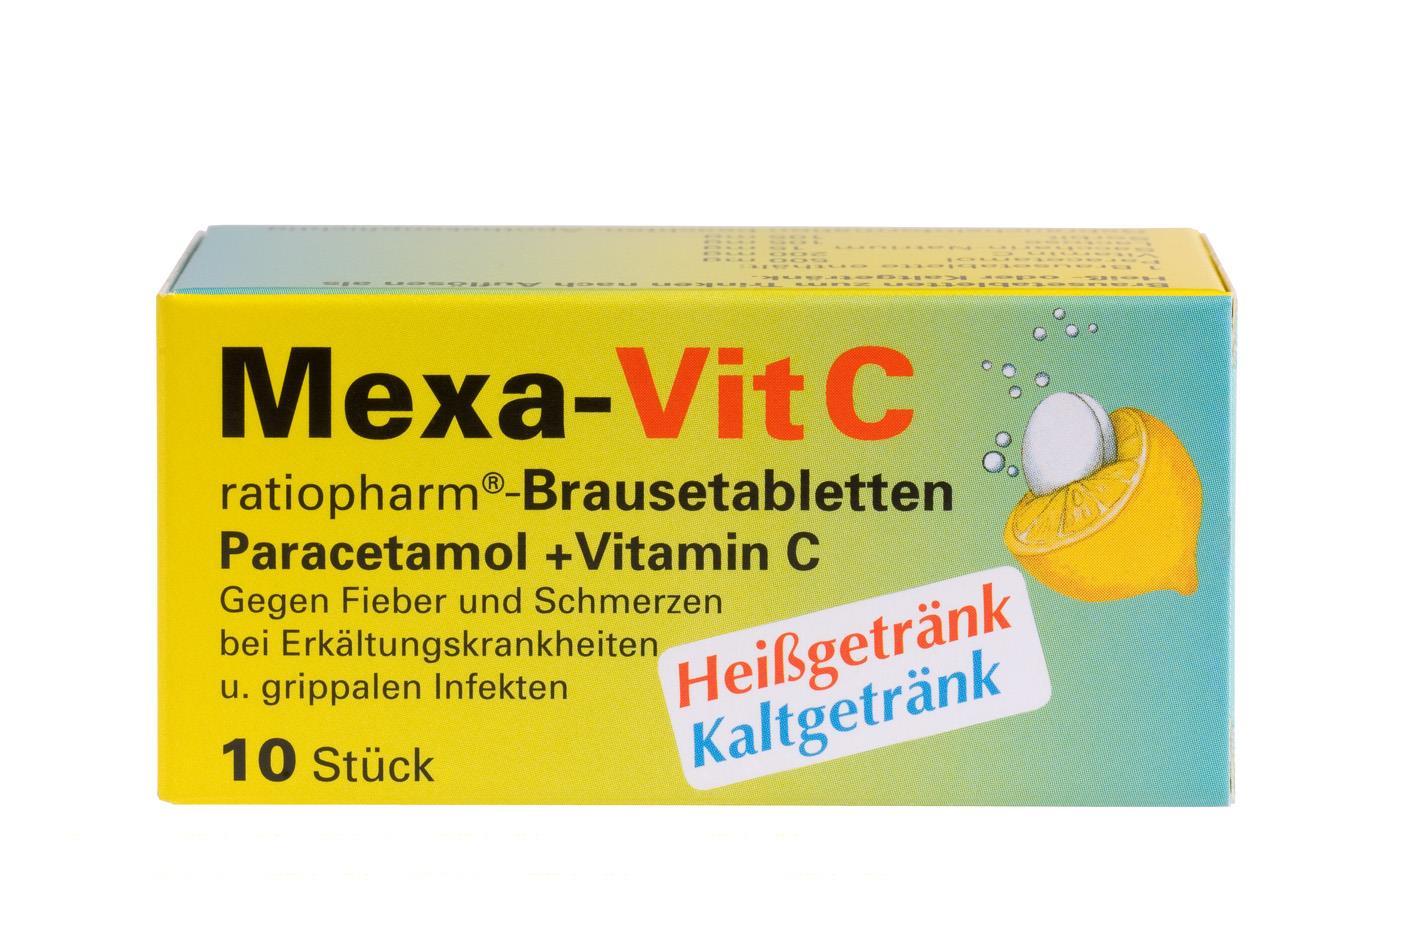 Mexa-Vit. C ratiopharm - Brausetabletten